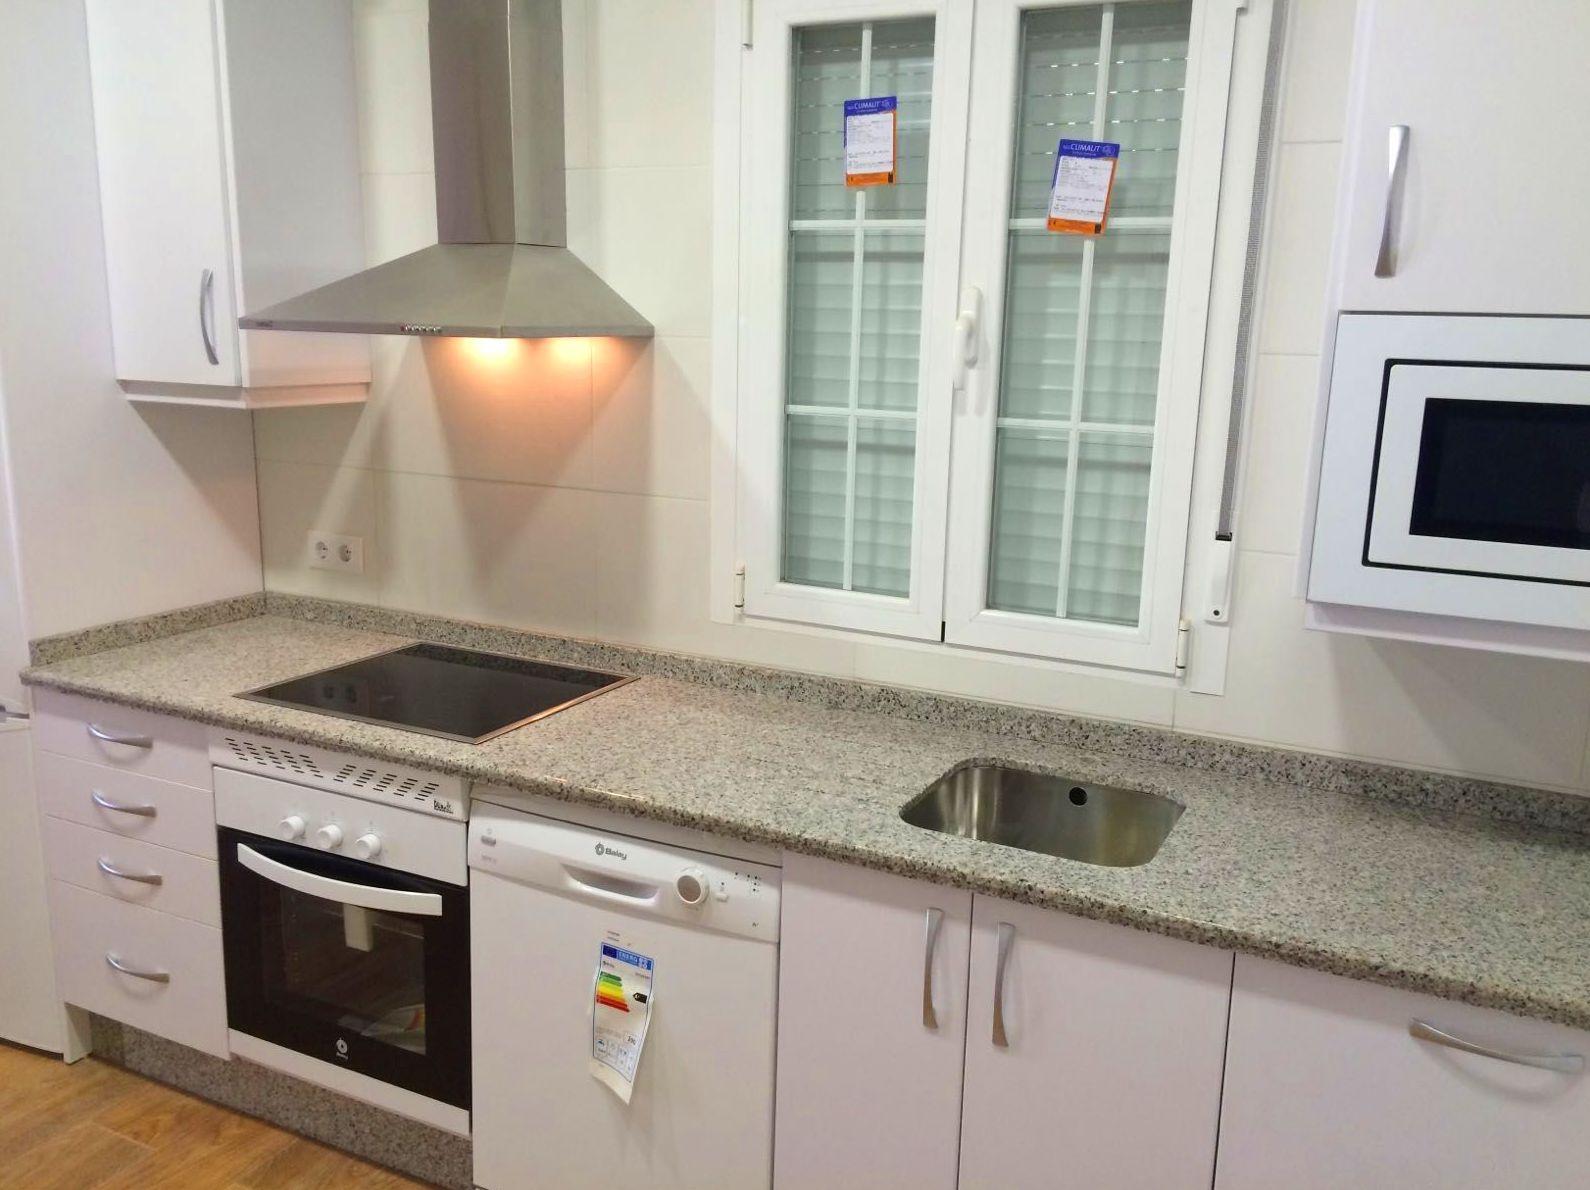 Muebles de cocina y electrodomésticos en Plasencia, Cáceres